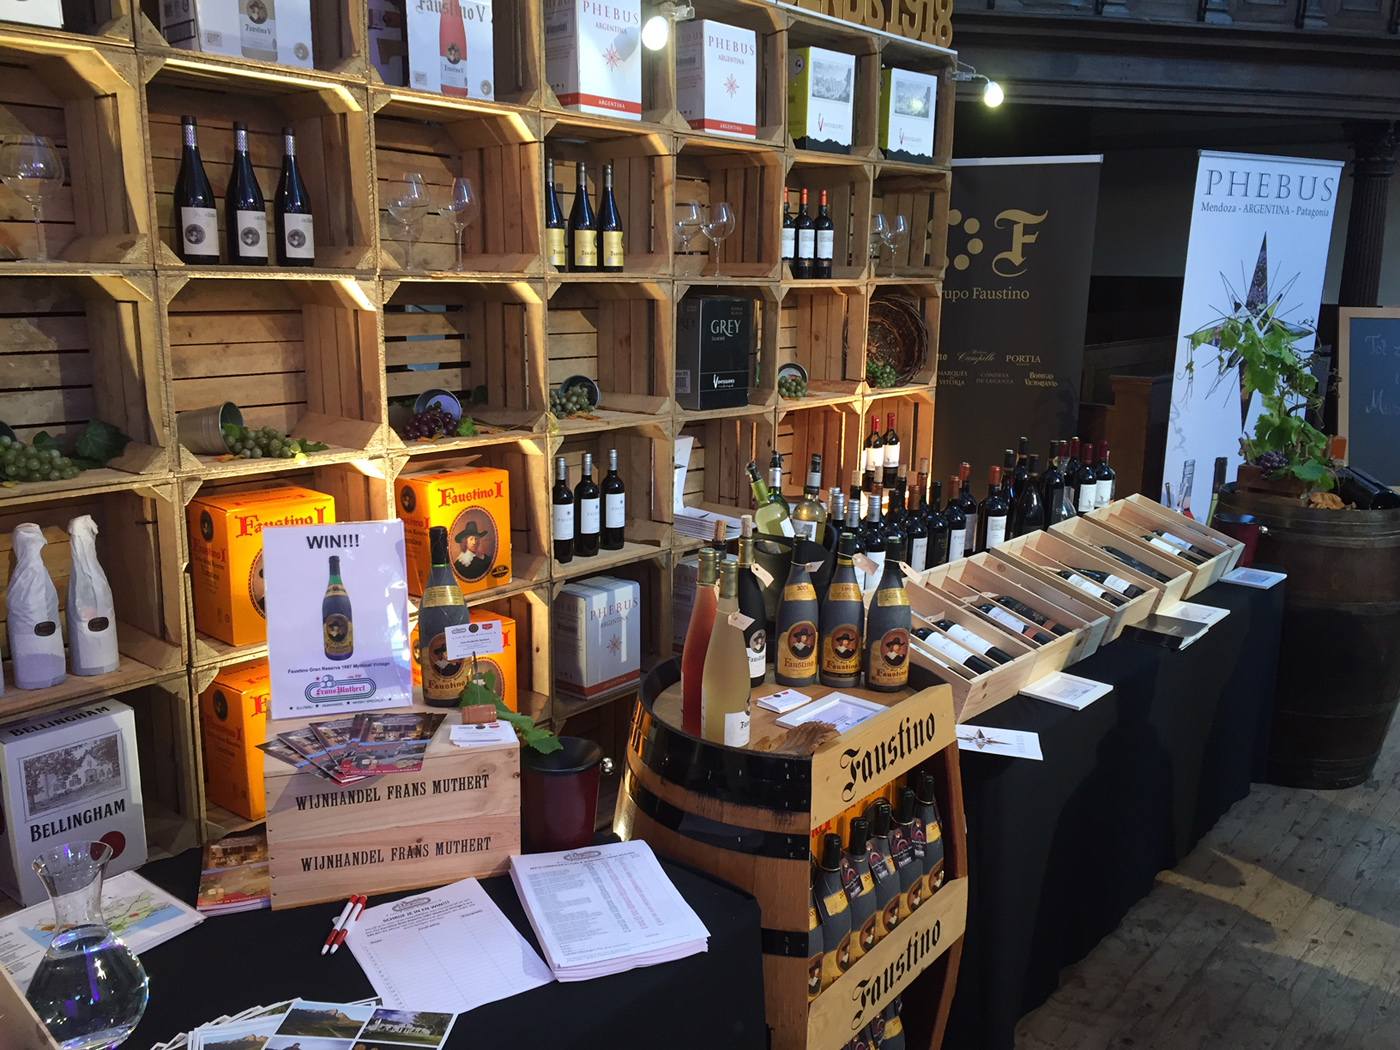 Wijnfestival Groningen stand De Monnik Dranken met Faustino, Phebus en Viña Ventisquero